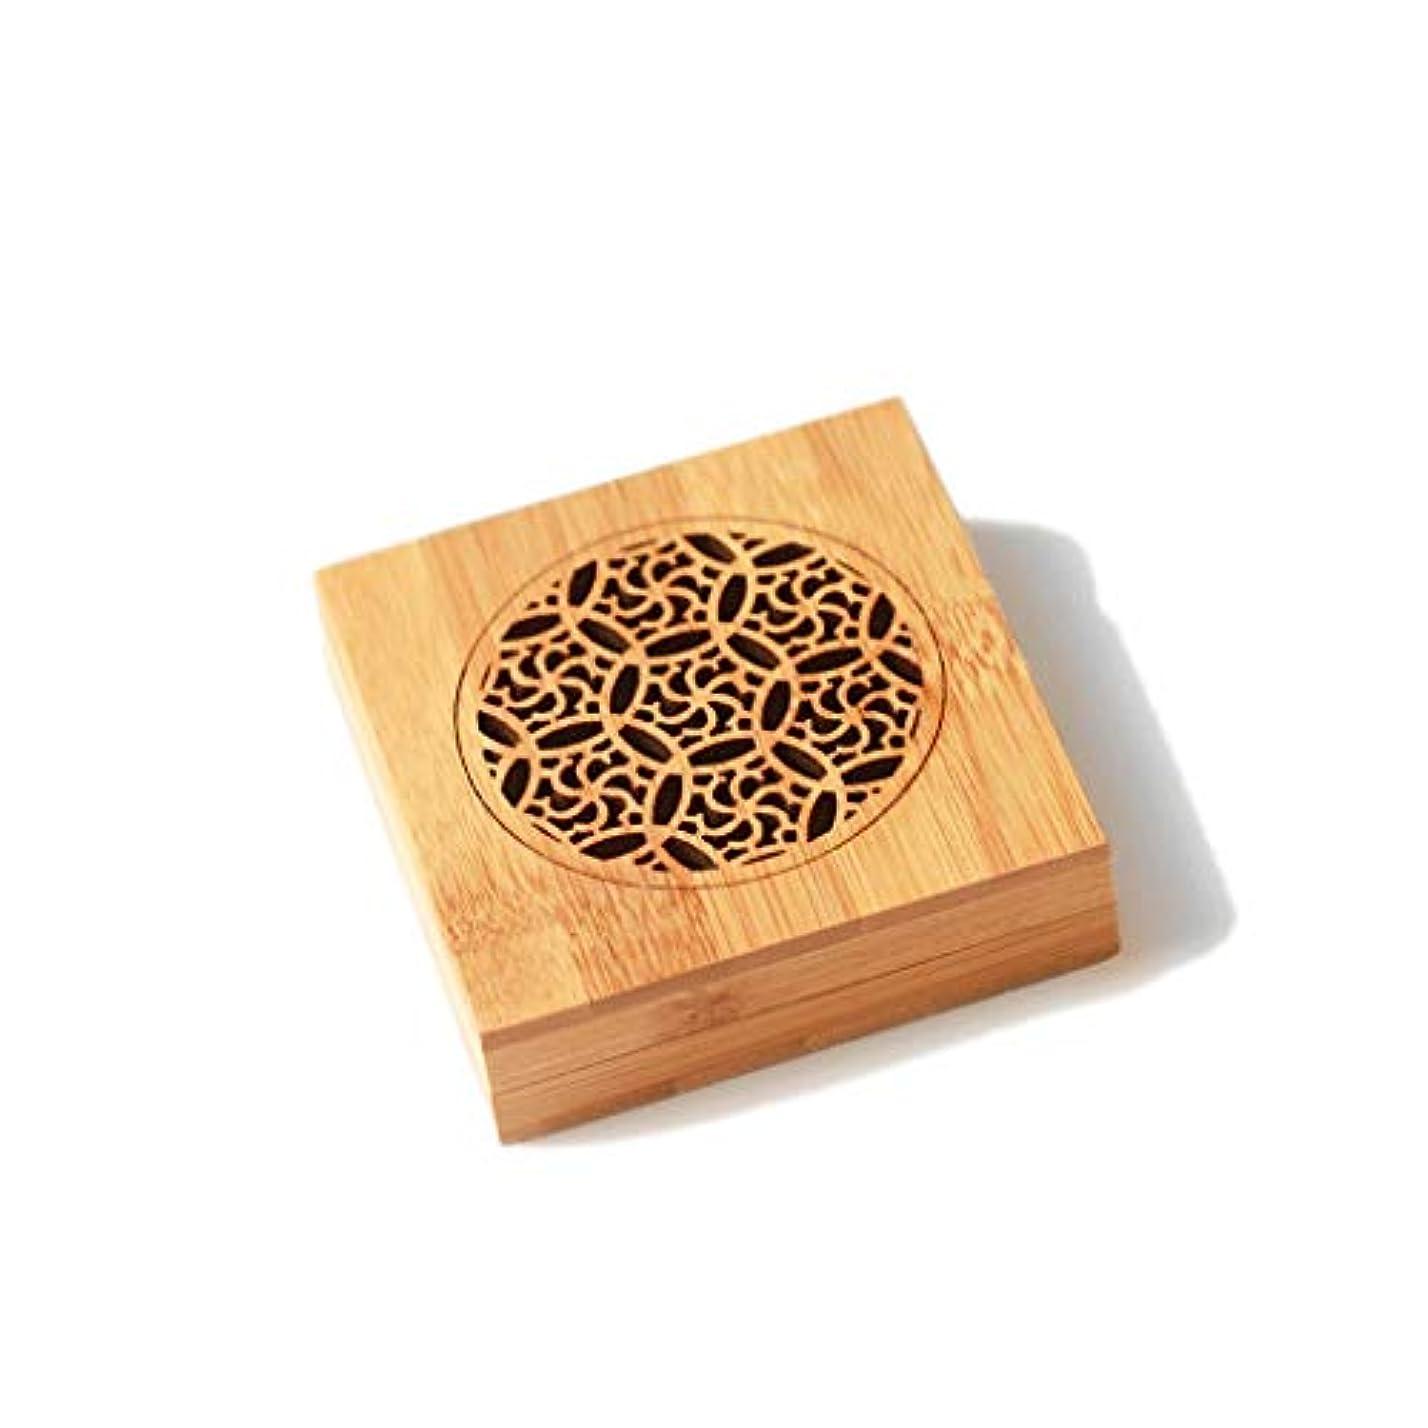 スキップ兵隊プレゼント竹の香バーナーコイルの香バーナー部屋の装飾瞑想竹の香り天然素材香ホルダー 芳香器?アロマバーナー (Color : WOOD, サイズ : Square)